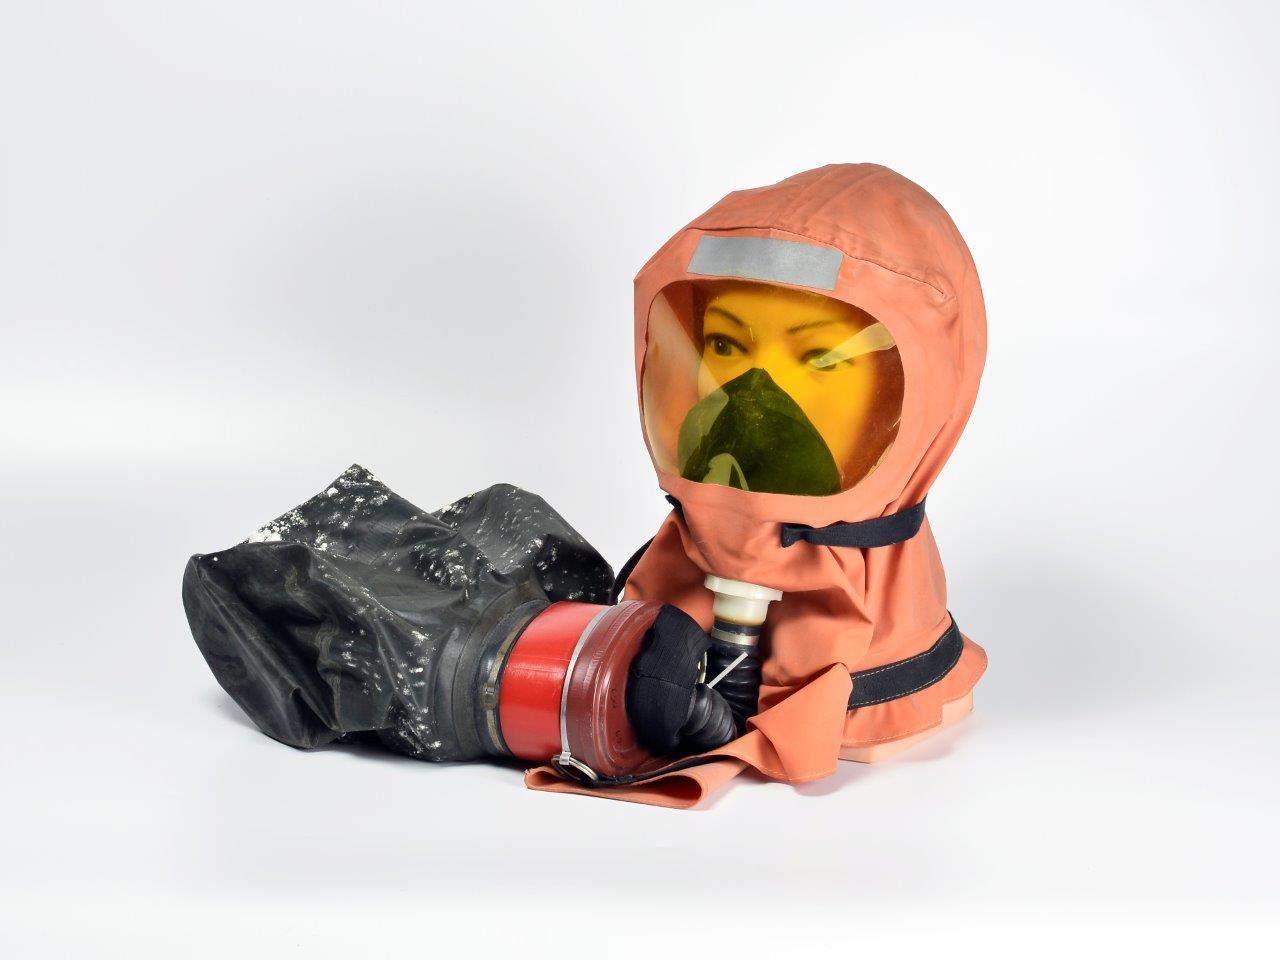 Самоспасатель промышленный изолирующий СПИ-20 20 мин.